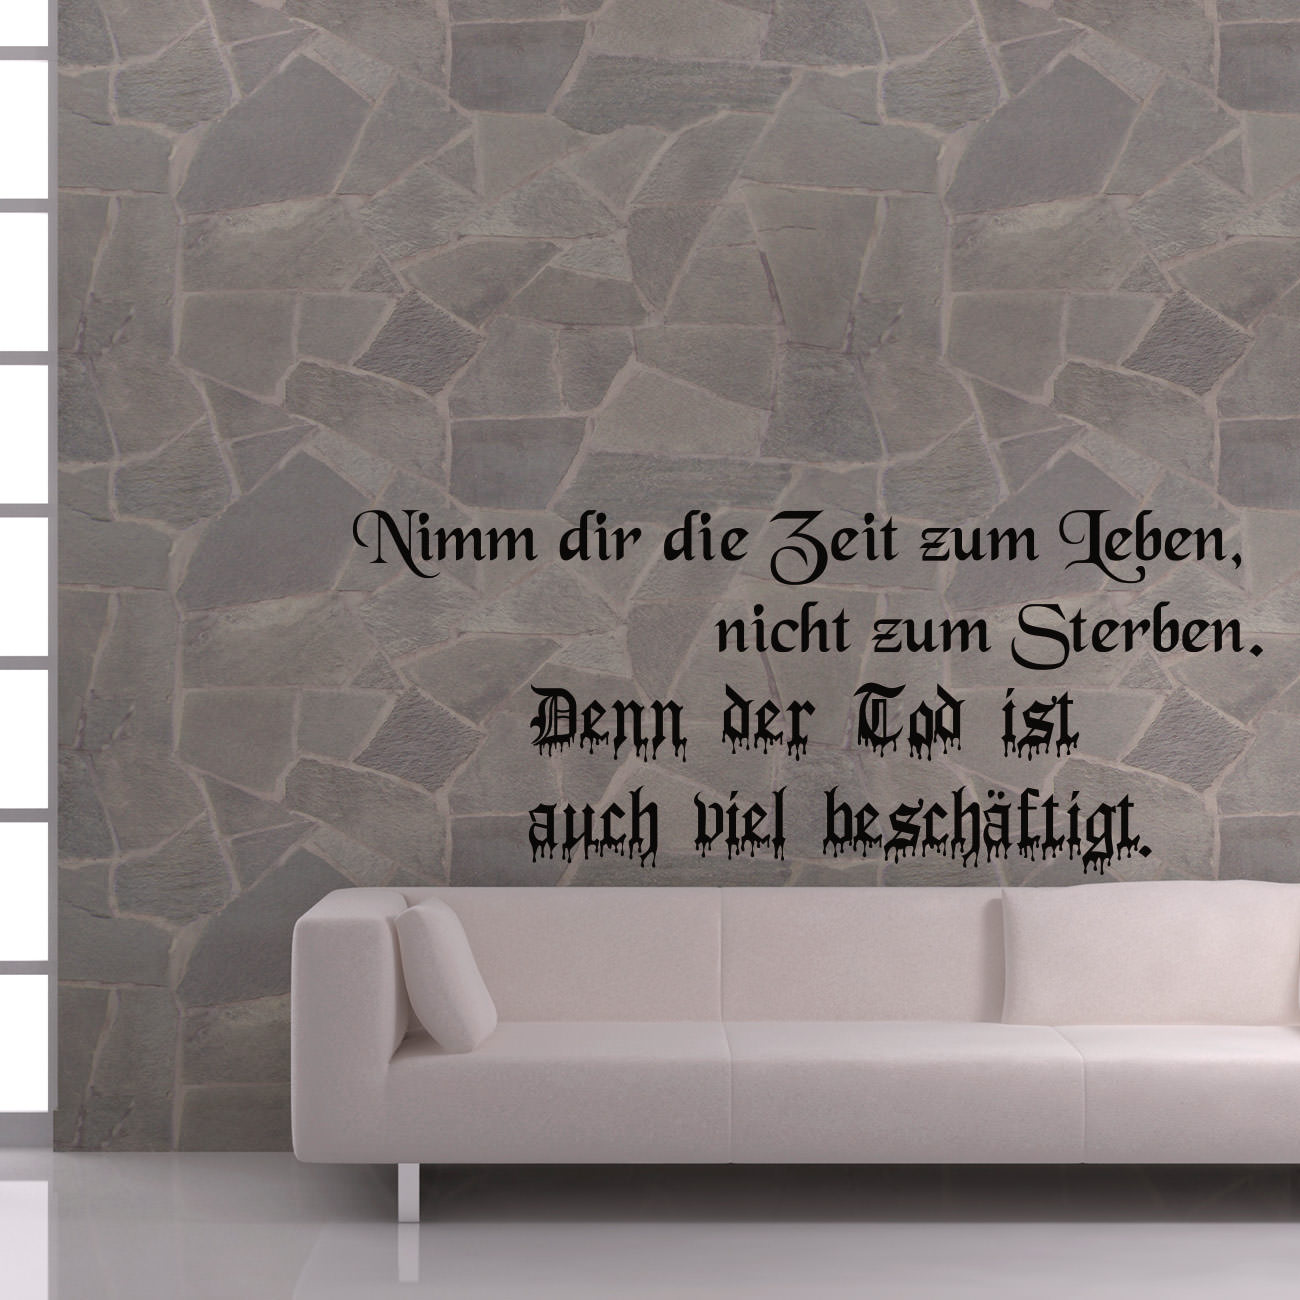 Wandtattoo Rostock wandspruch zeit leben tod für wohnzimmer wohnbereich wandtattoo